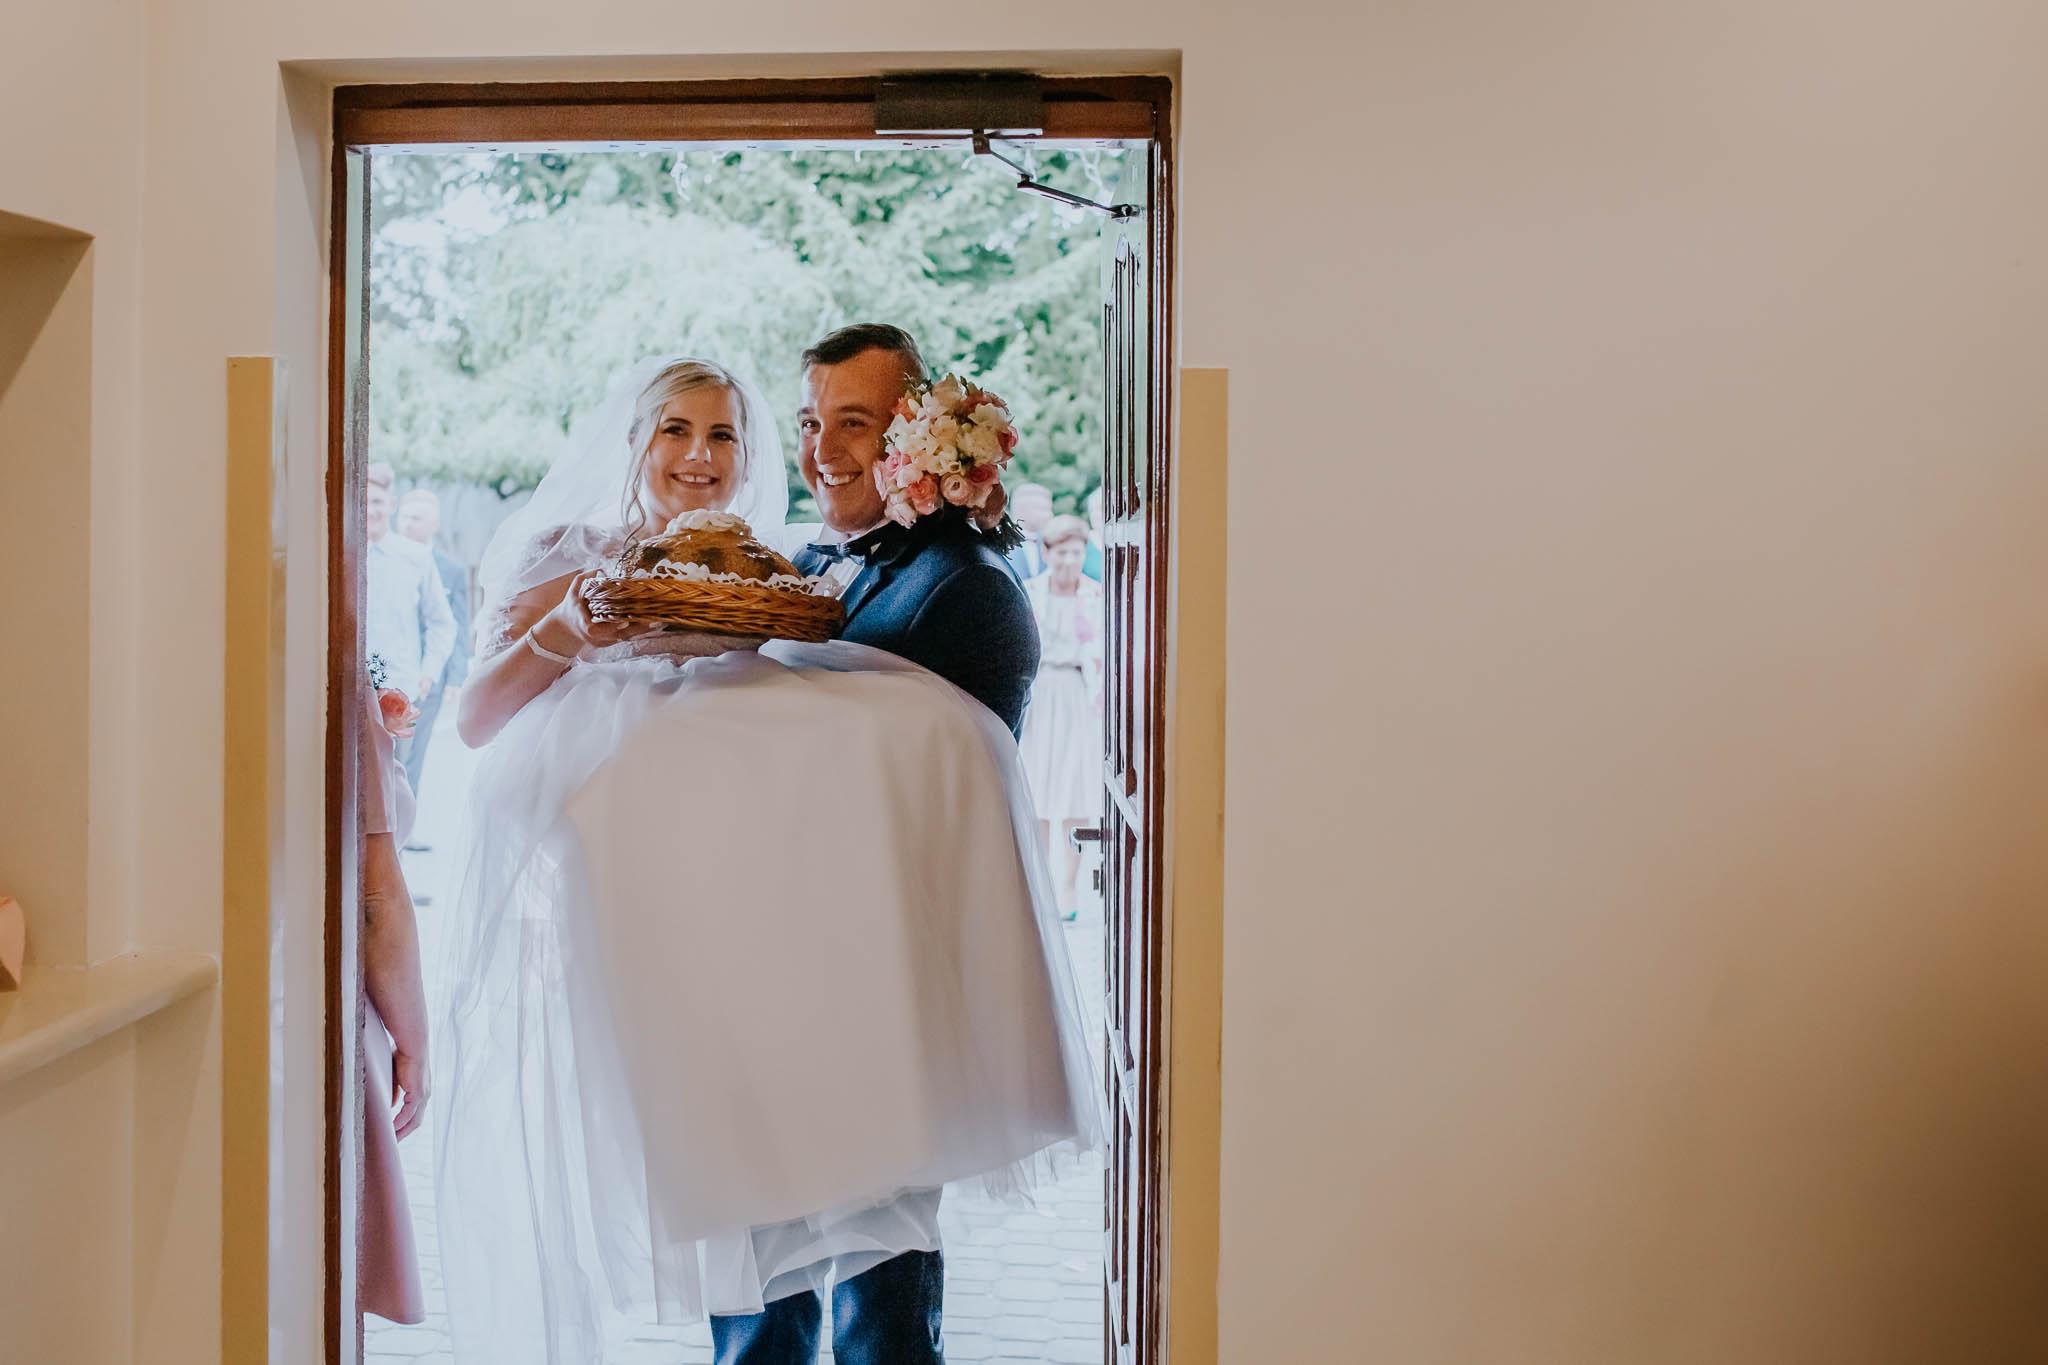 1K4A4843 - Co i jak w dniu Ślubu?